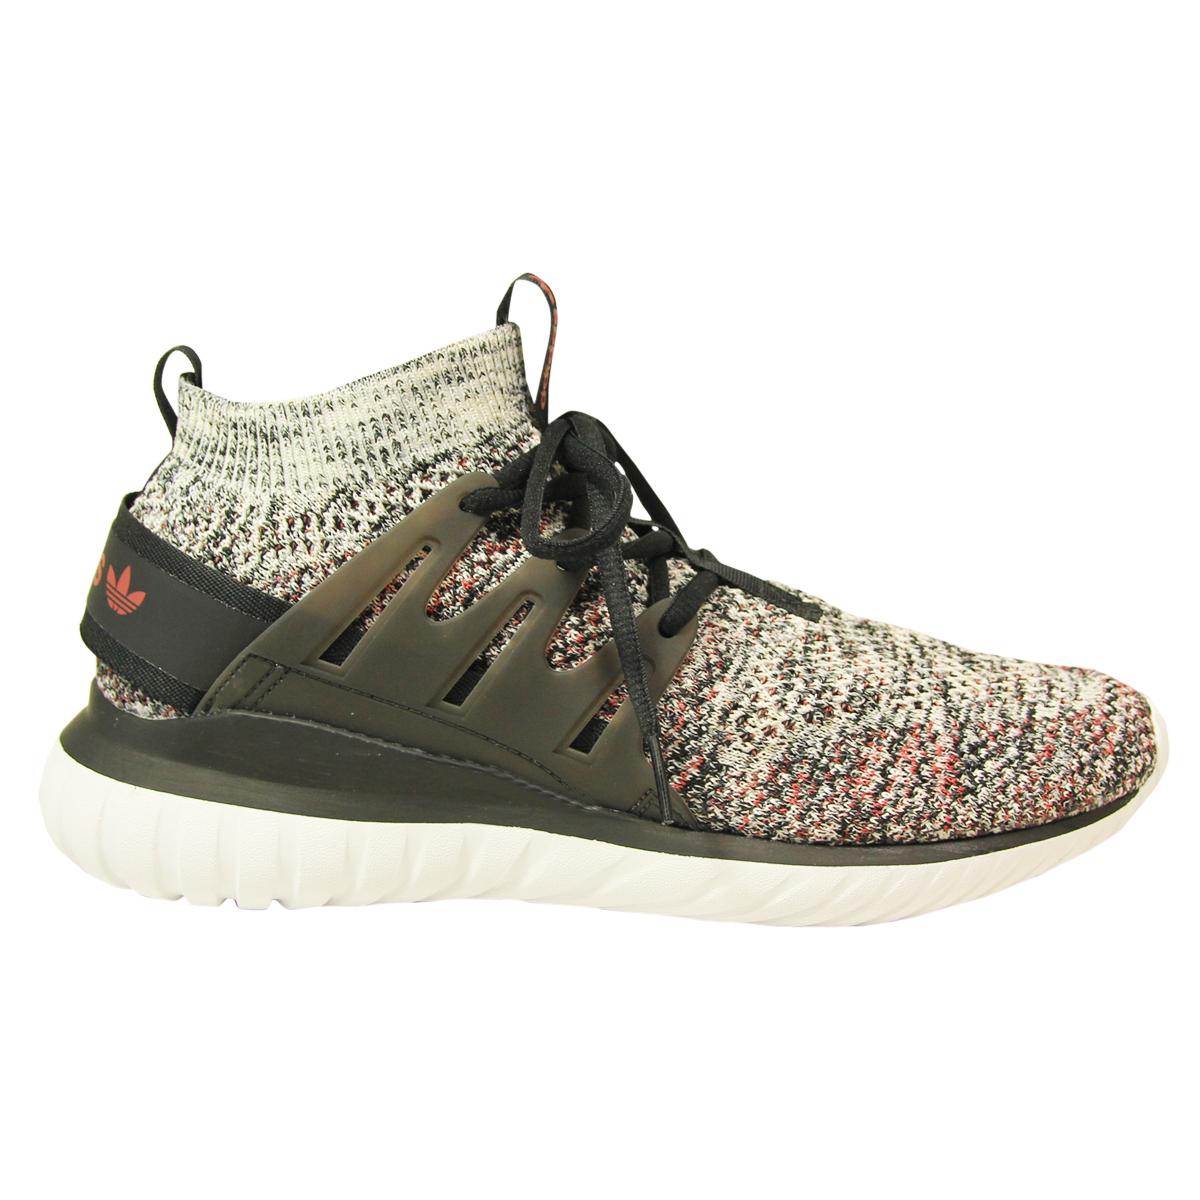 Adidas Originals TUBULAR NOVA PRIMEKNIT Herren Sneakers Schuhe Neu